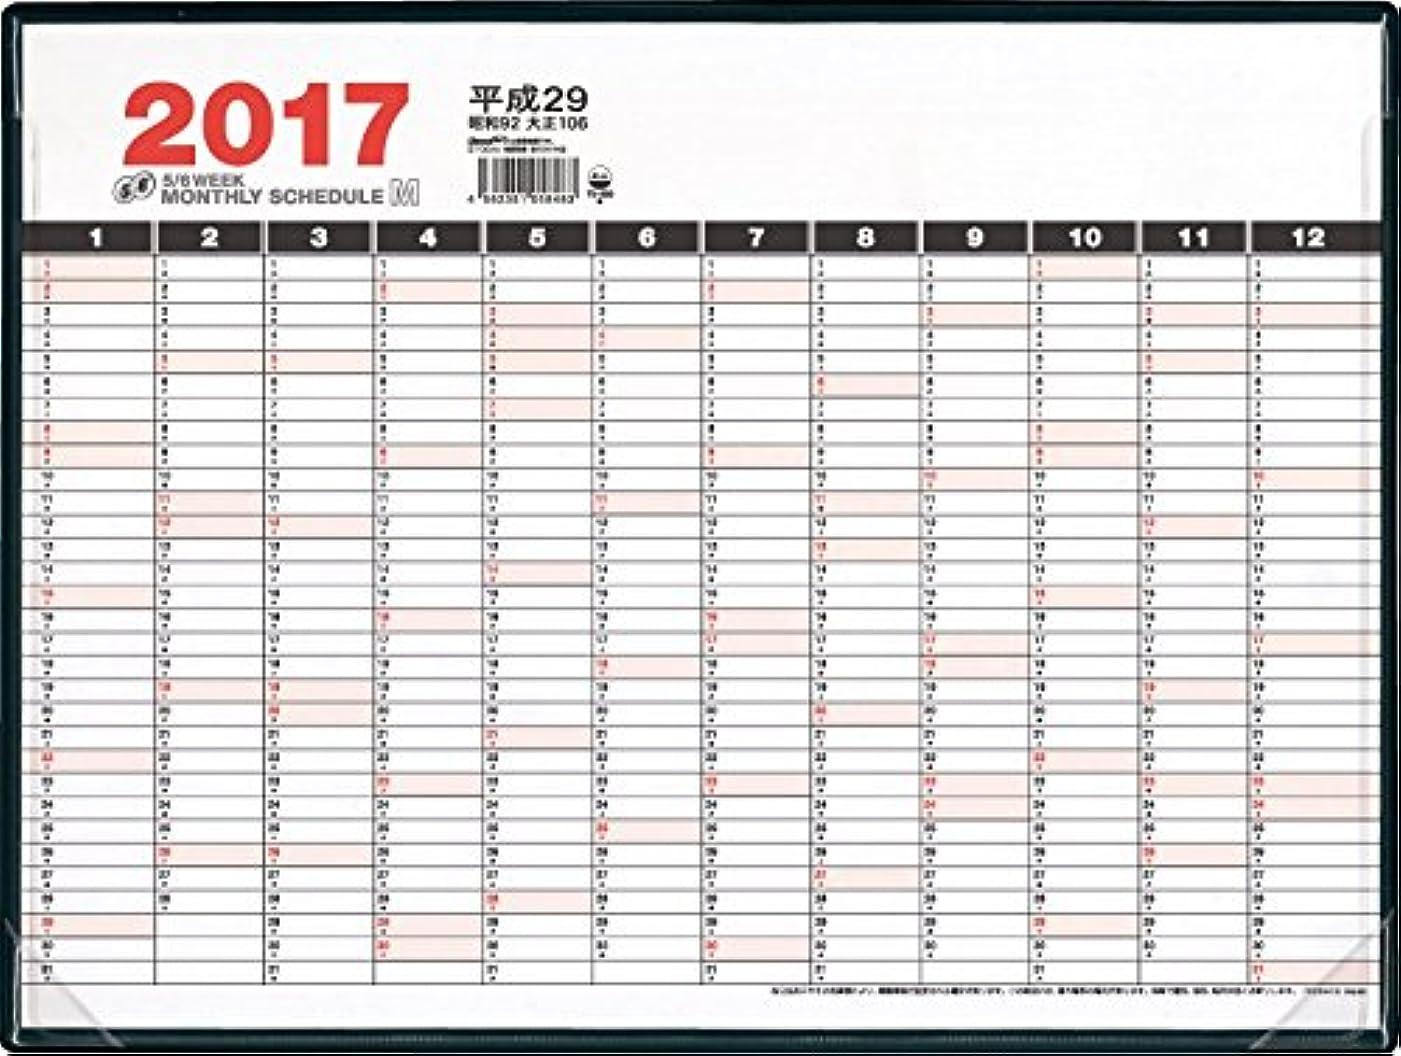 遊び場タブレットサーカスTD-350ビジネス予定表M(2017年版)